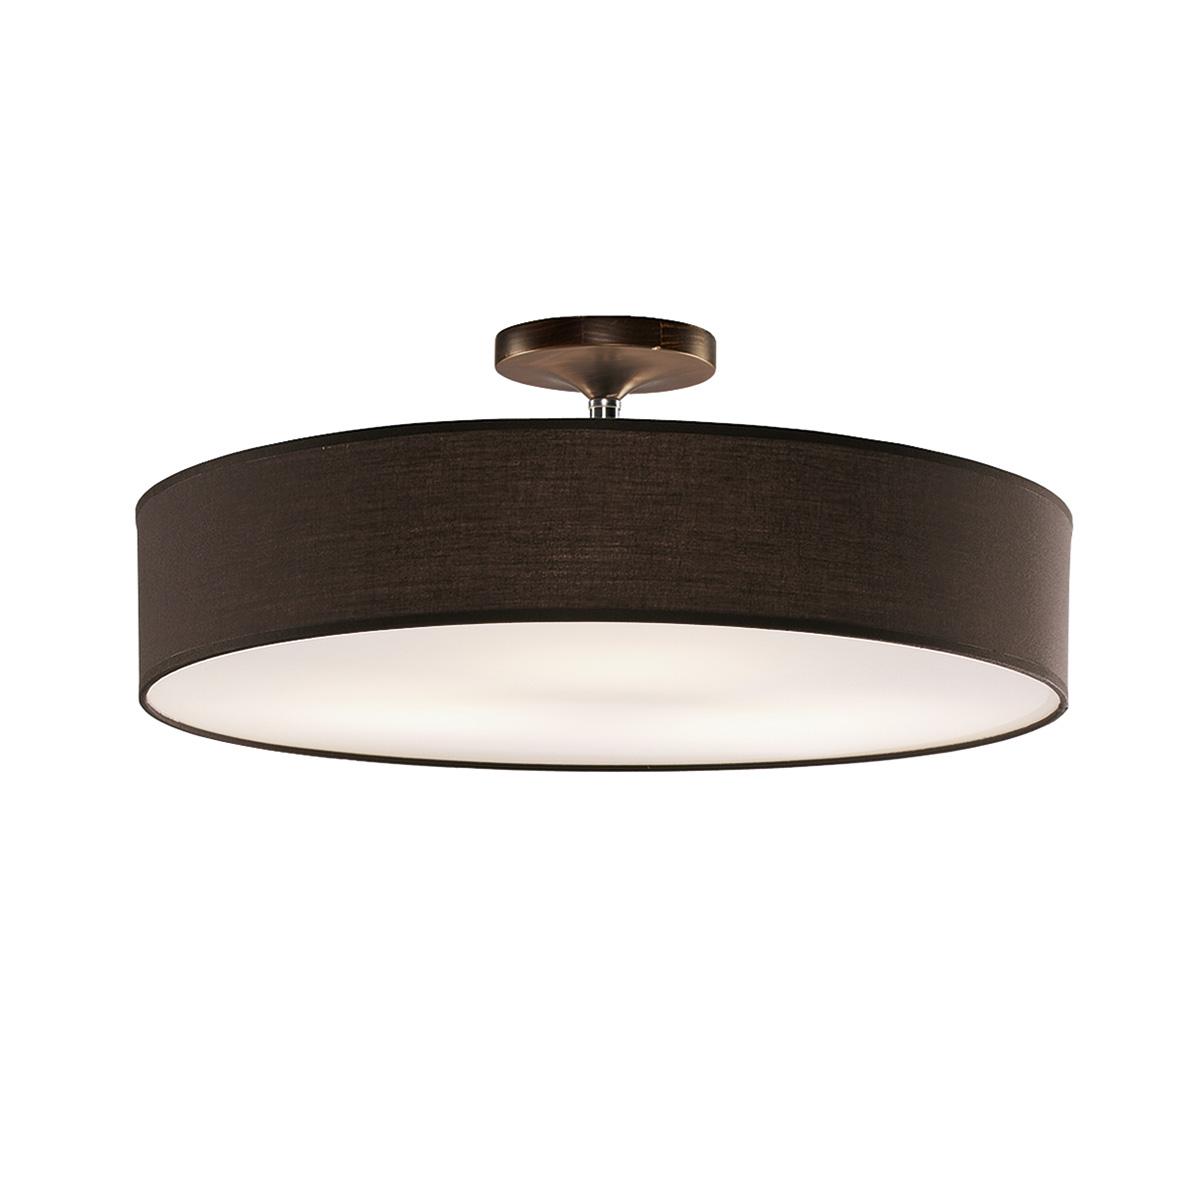 Φωτιστικό ημιοροφής με ανθρακί καπέλο DISCO ZEN ceiling lamp with dark grey shade